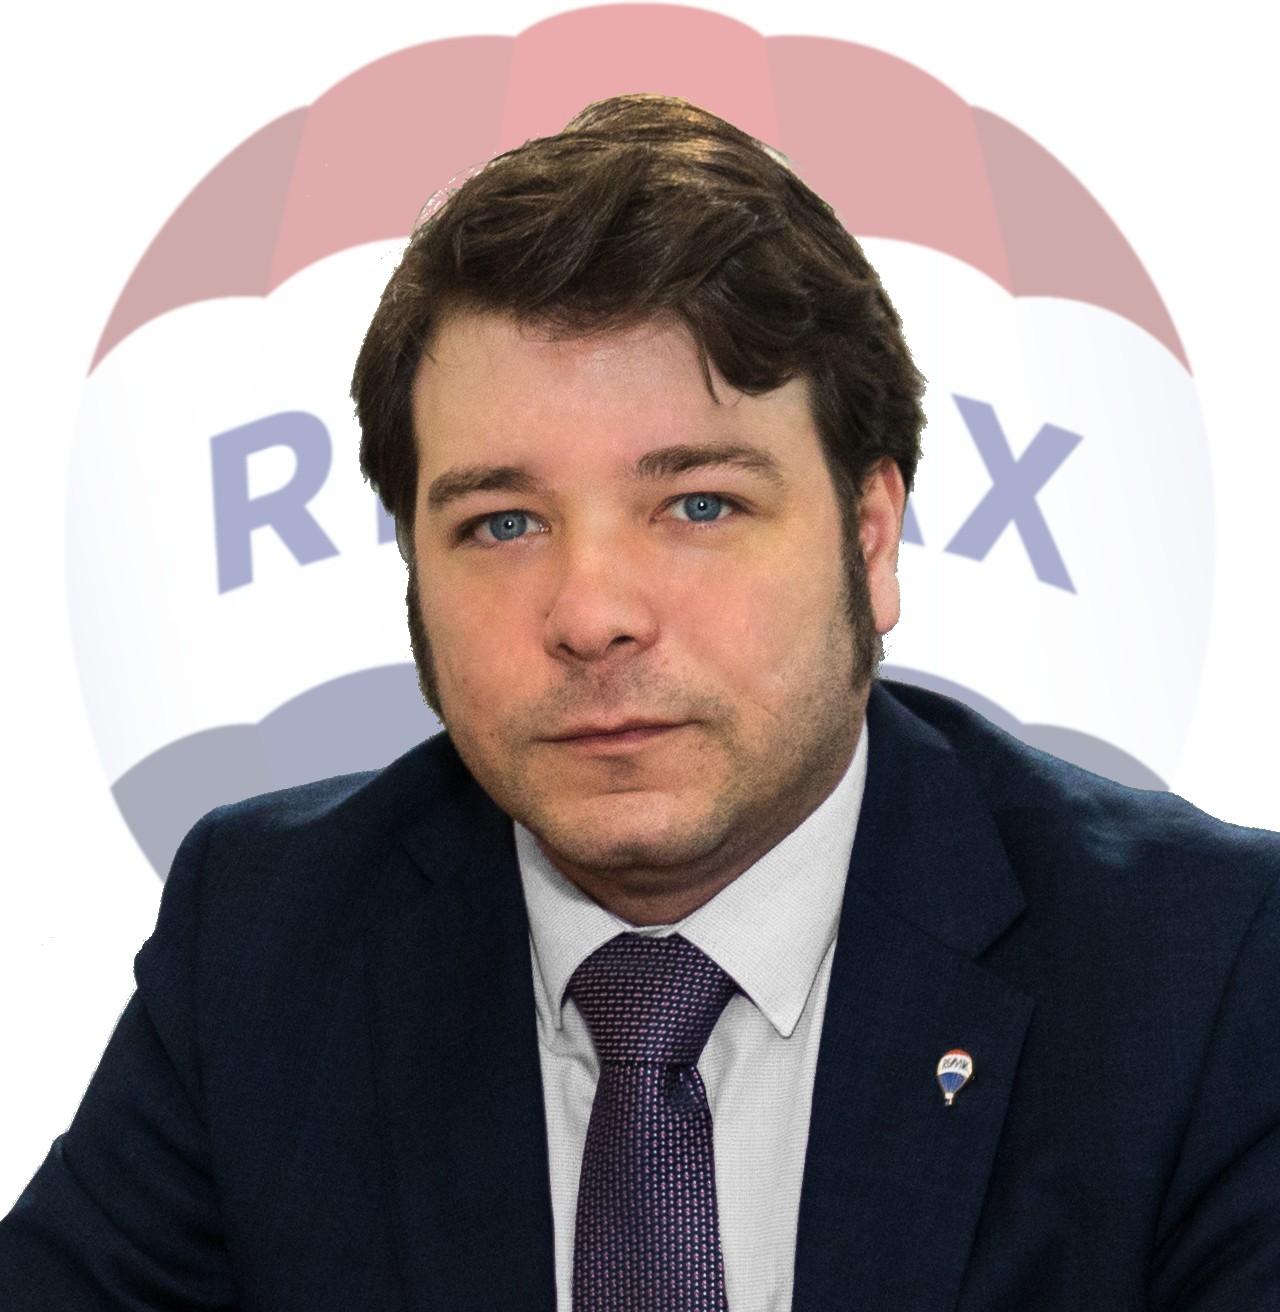 Ricardo Sánchez Pereira